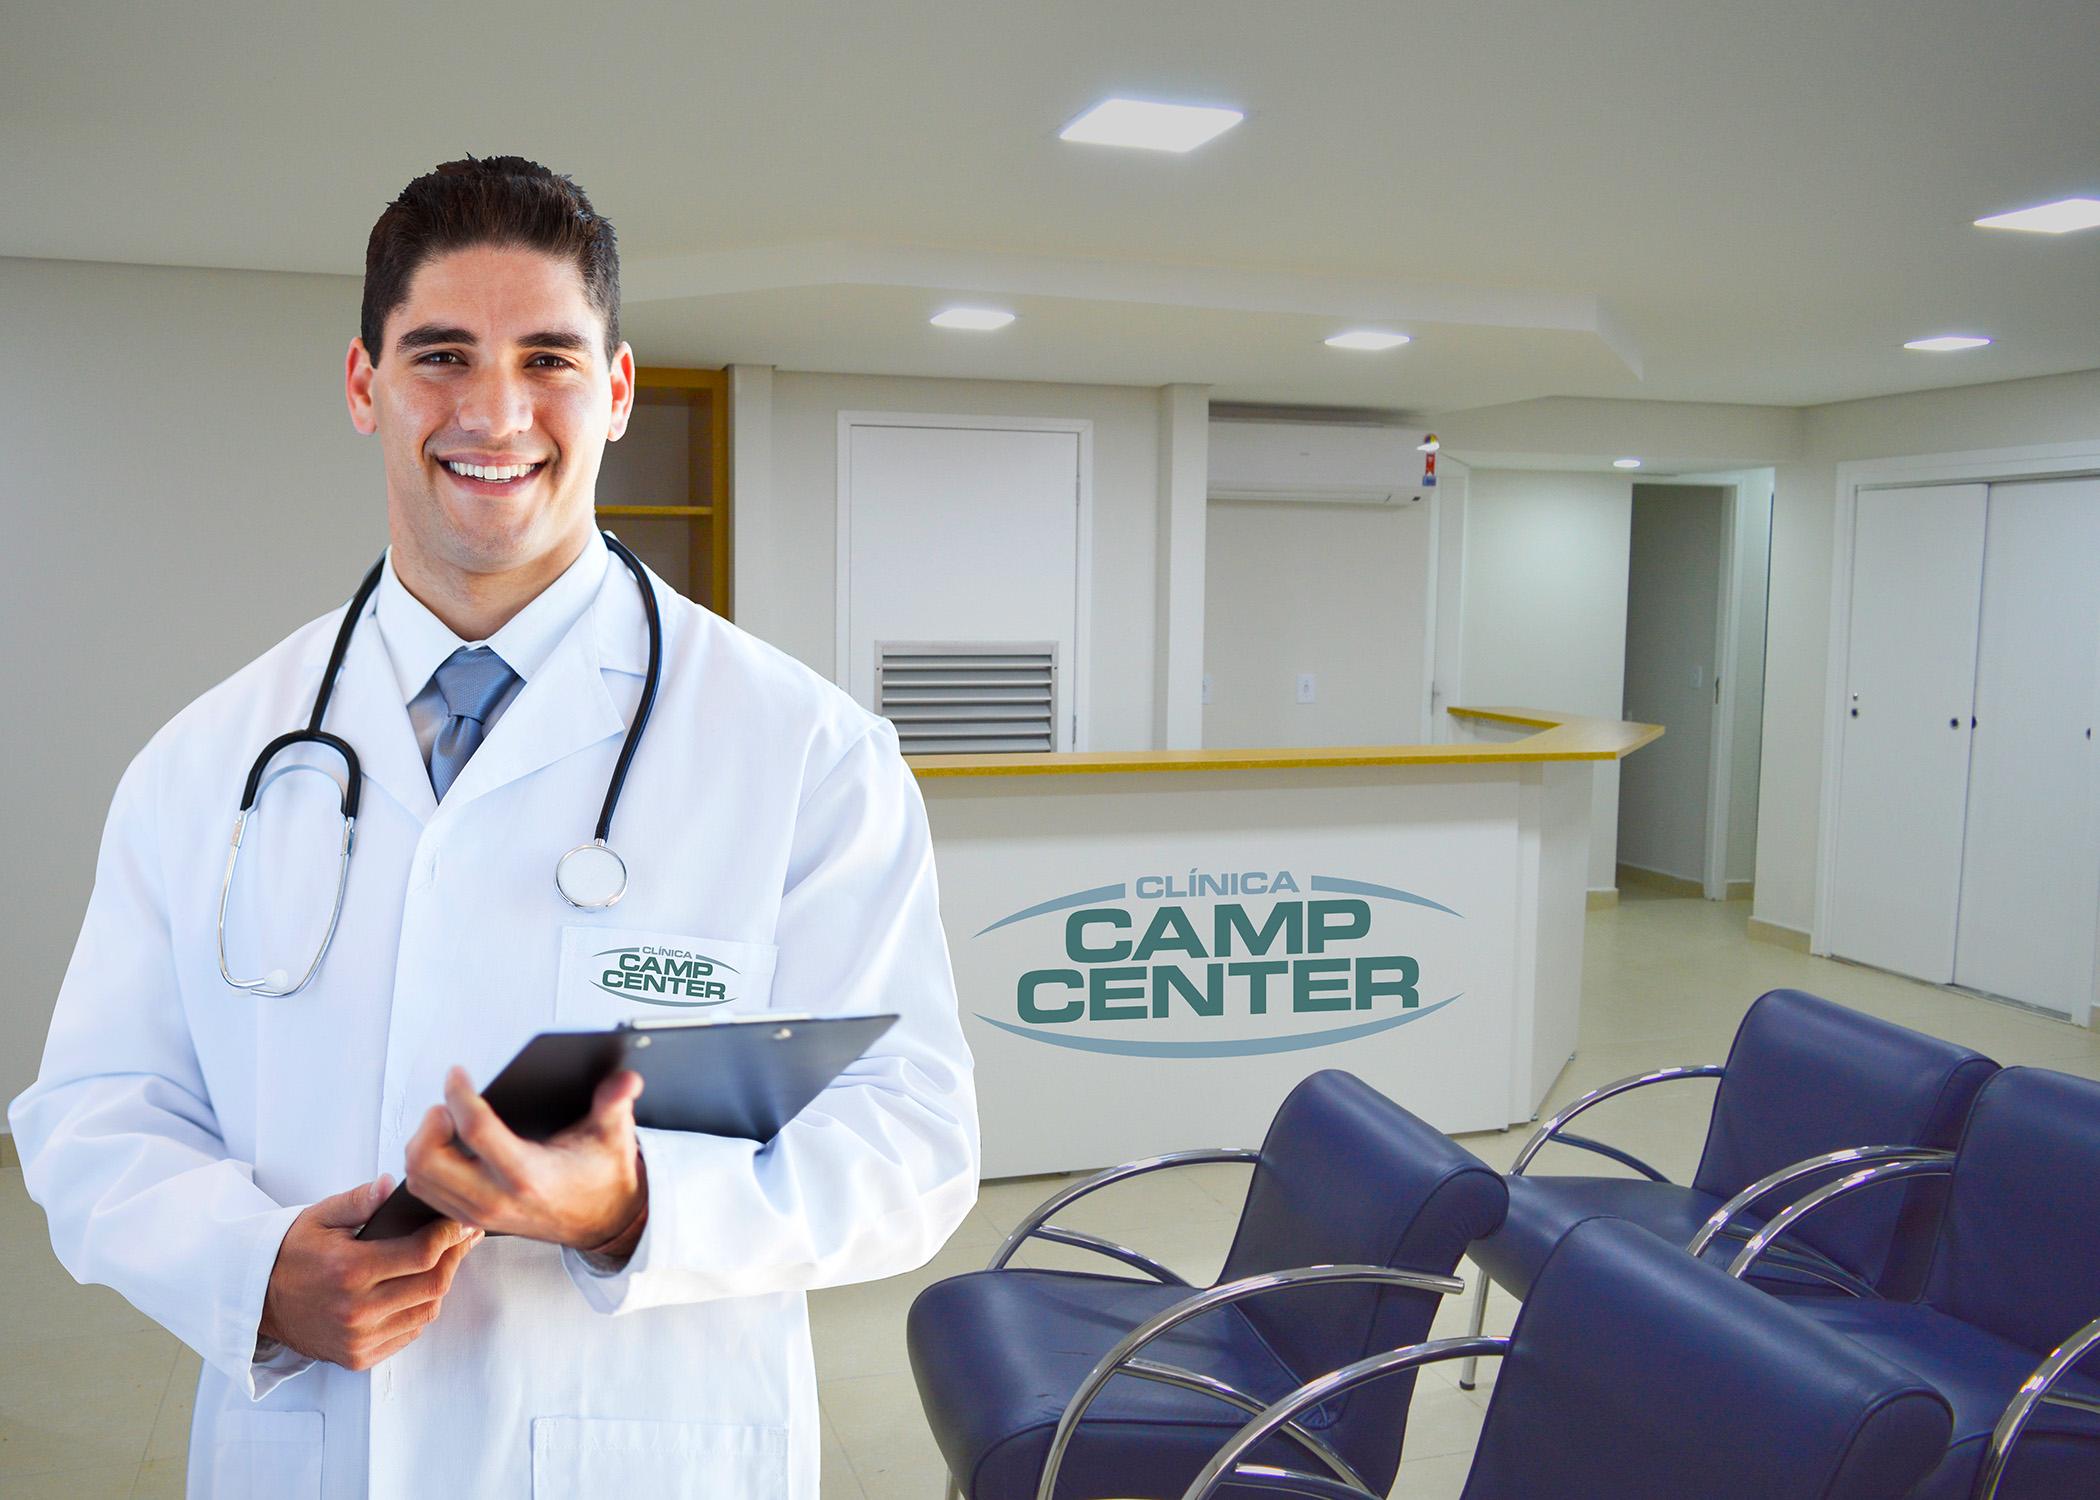 clinica_interno